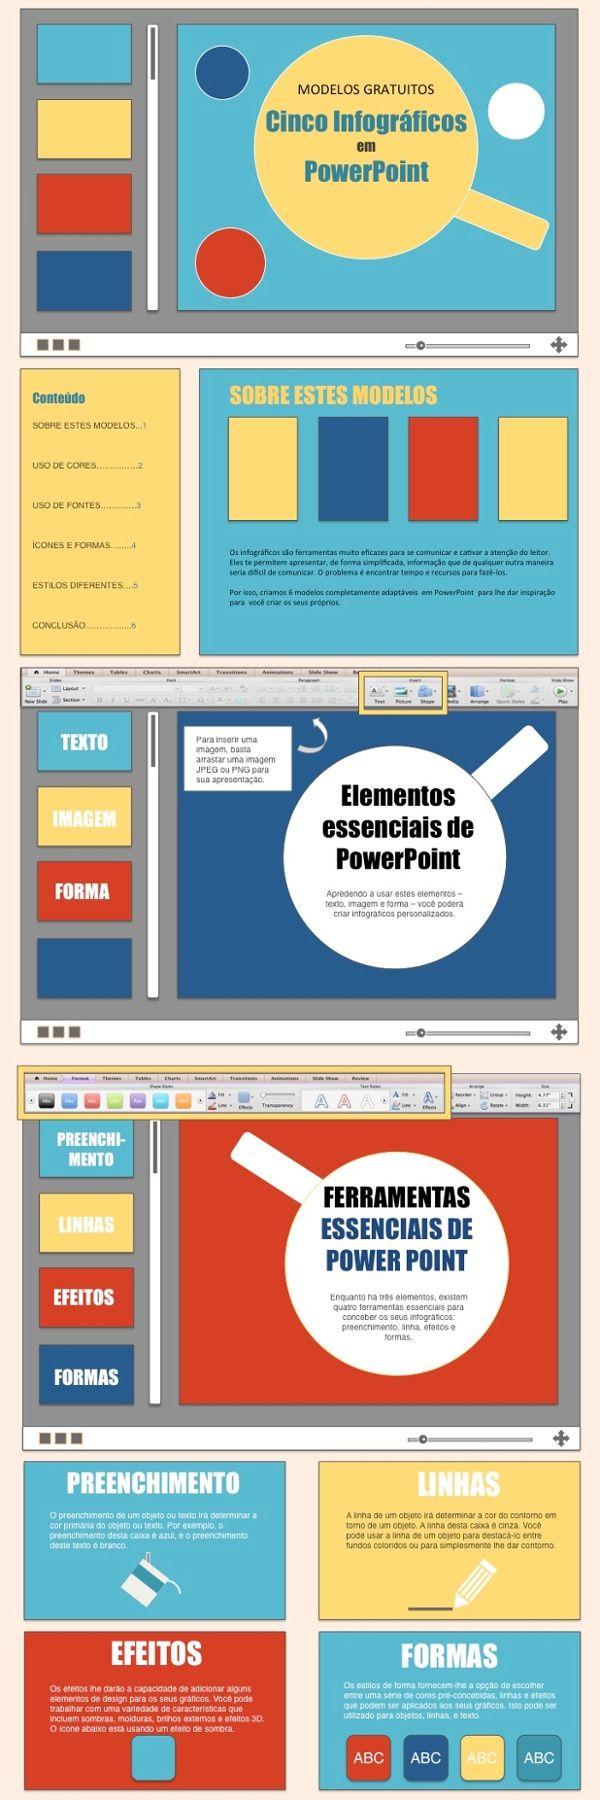 Infográficos são uma ferramenta muito eficaz para se comunicar e cativar a atenção do leitor. Veja como criar um infográfico com powertpoint.